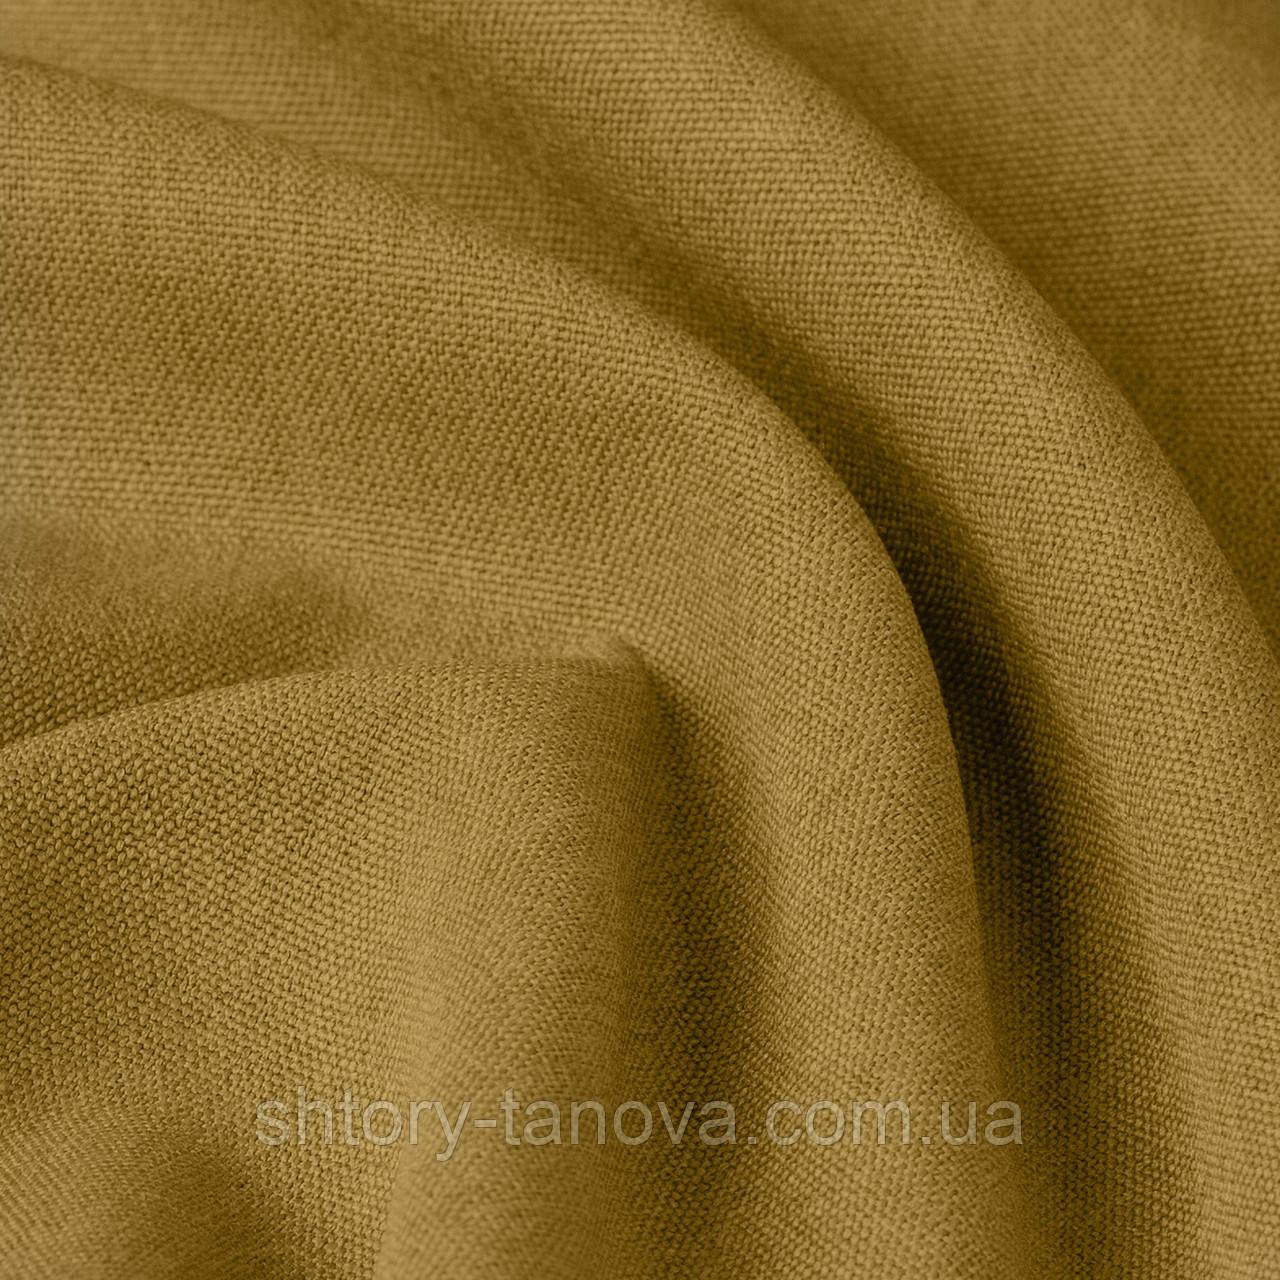 Фактурная однотонная рогожка для шторы вощаного цвета 300см